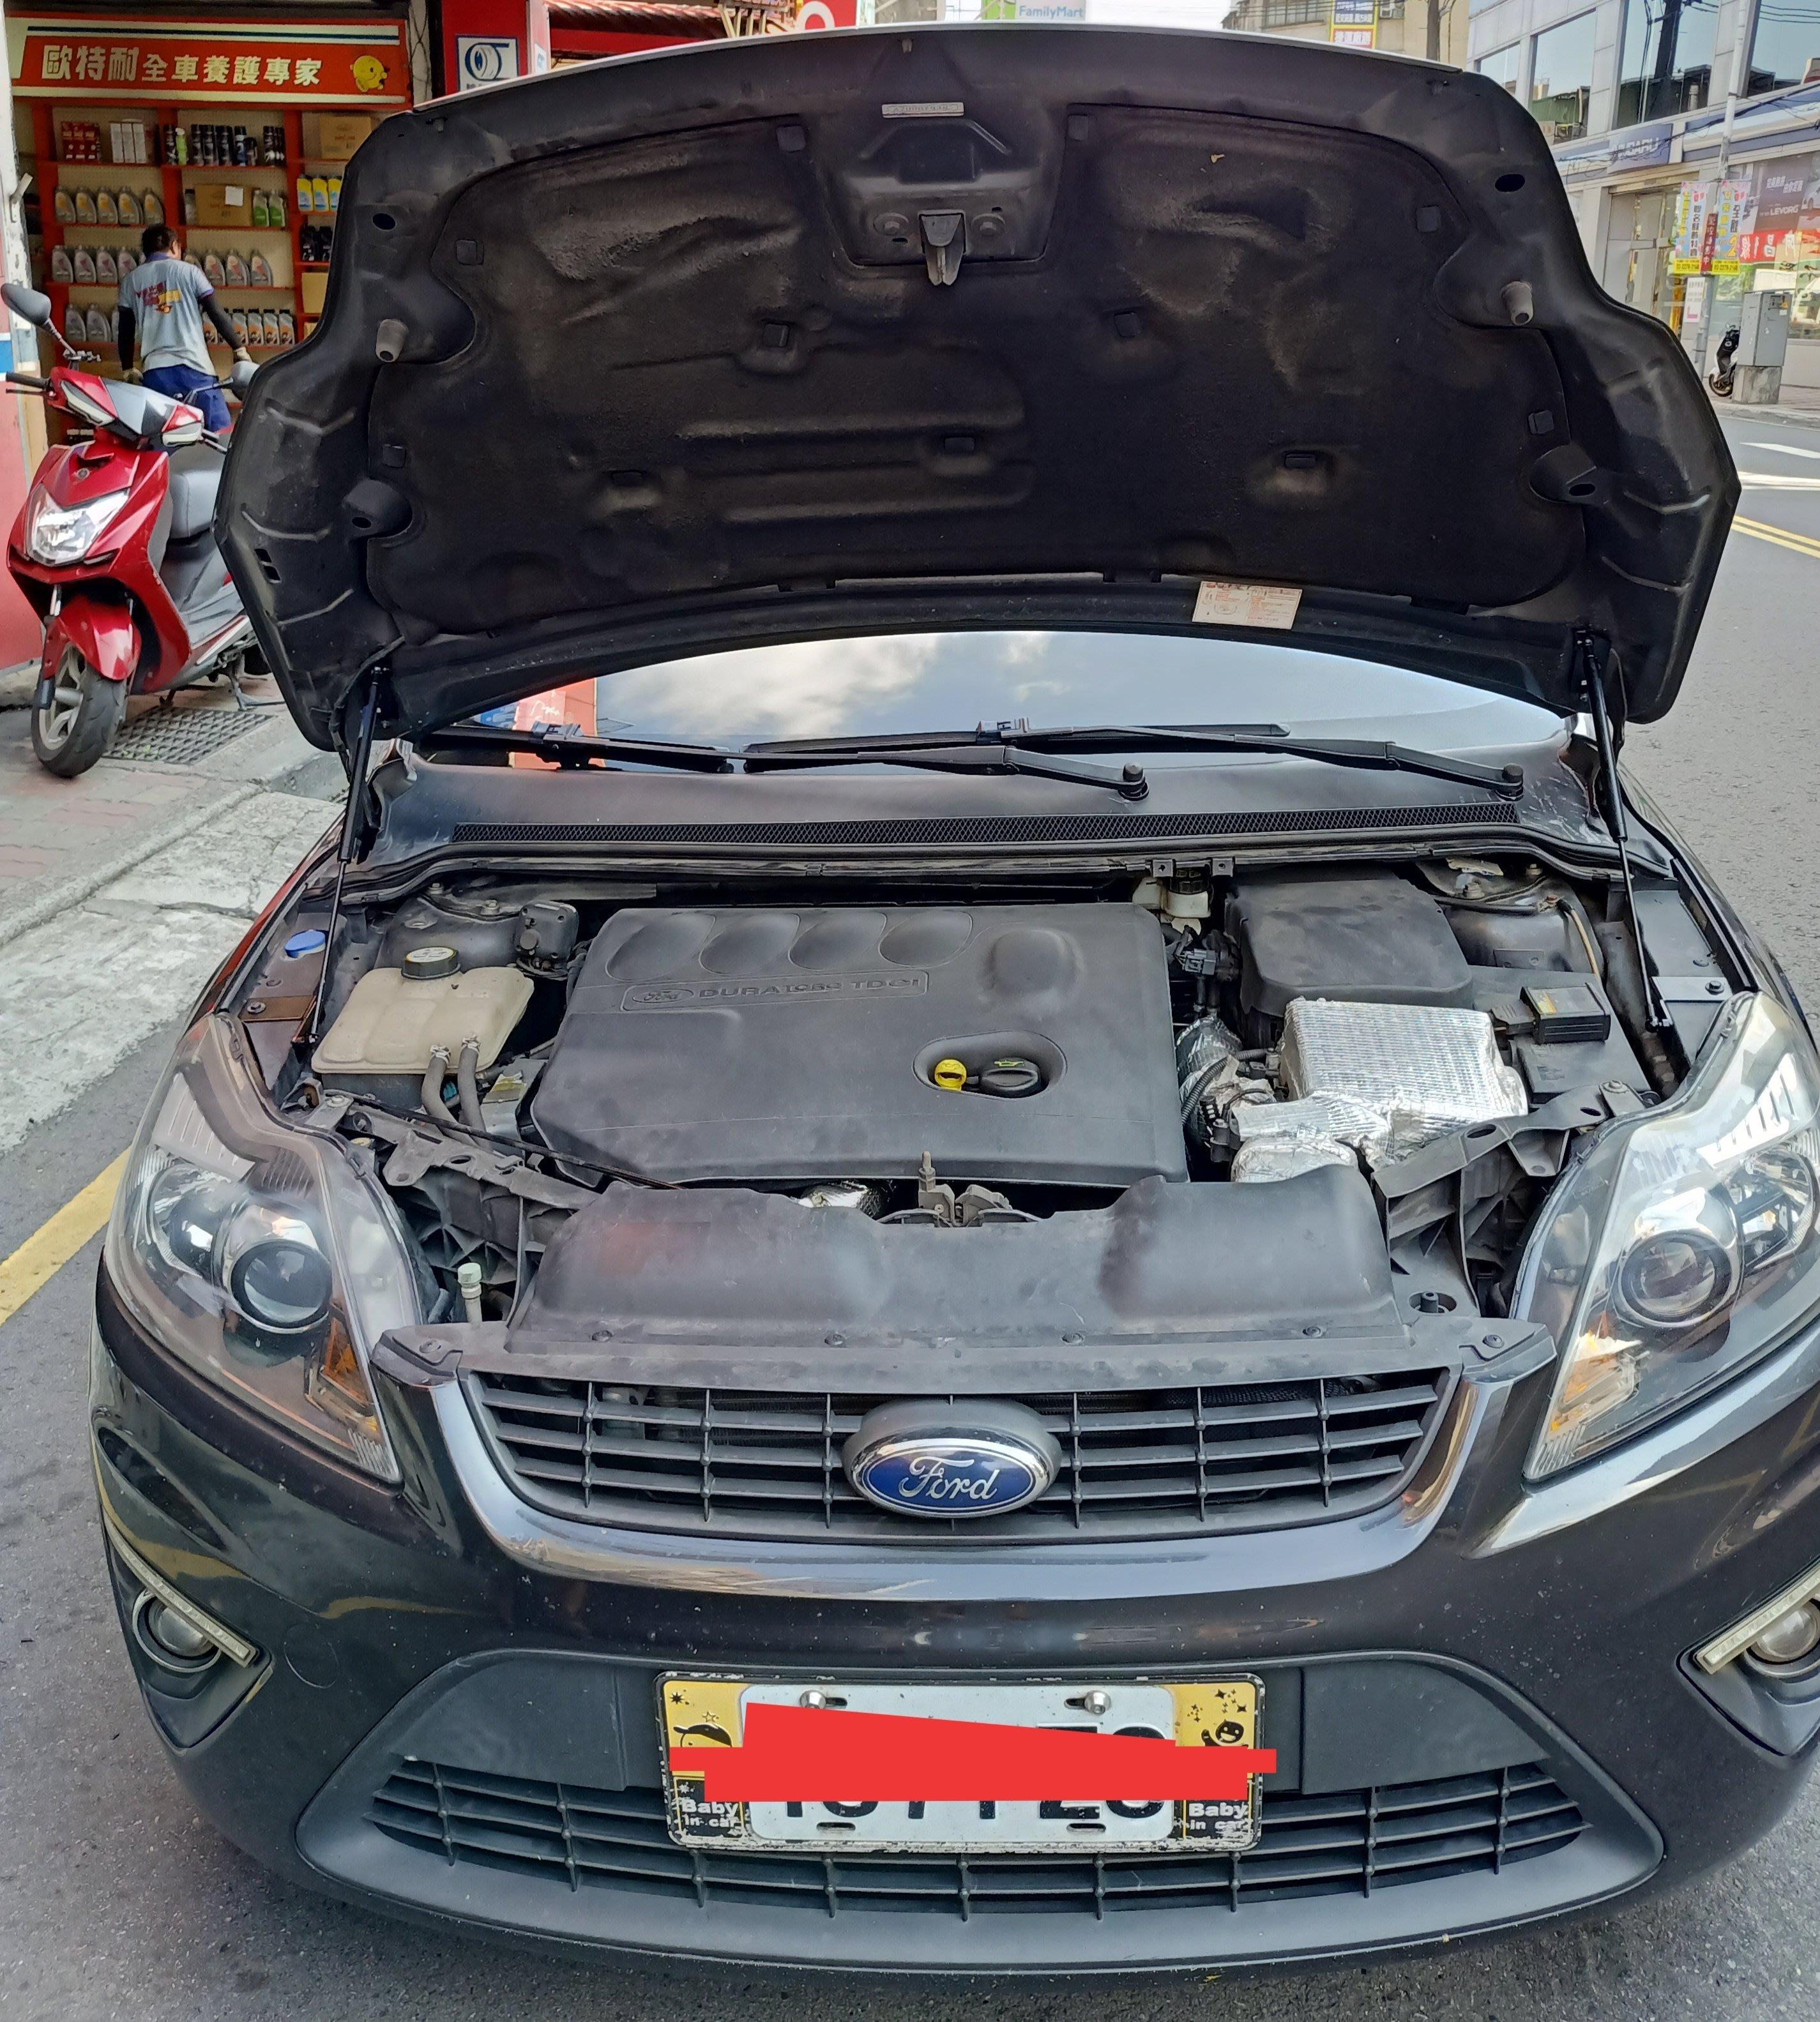 [晨達] FORD FOCUS 08-11 專用款引擎蓋支撐桿 油壓桿 頂桿